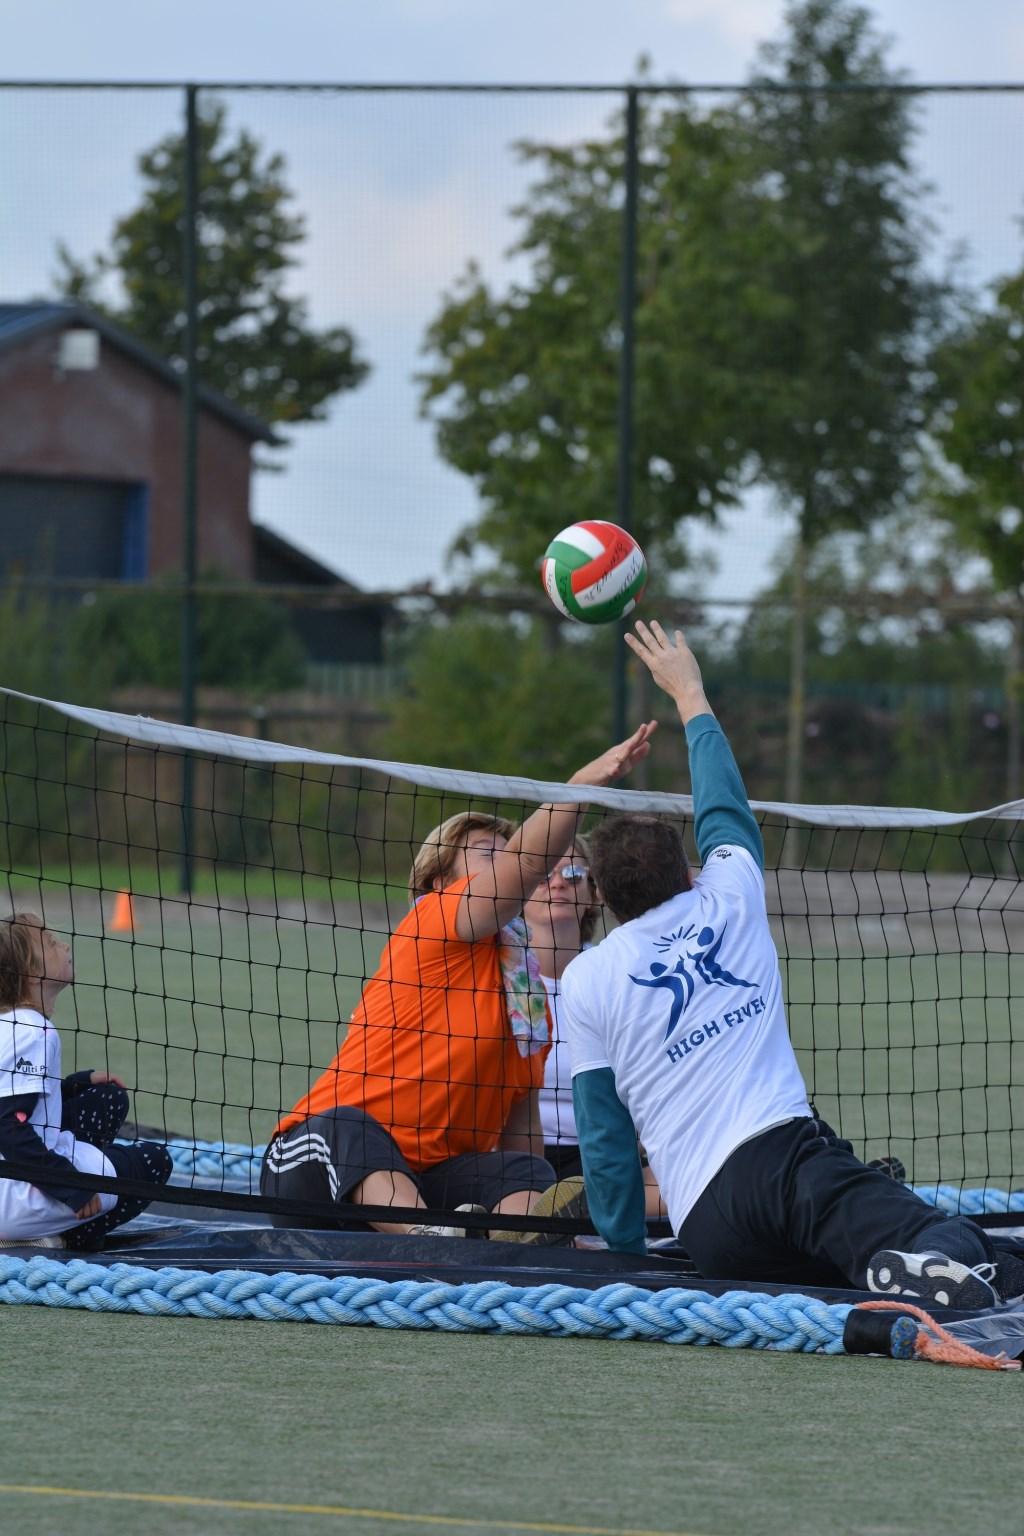 Zitvolleybal, een van de sporten. (foto: Special Sports Event)